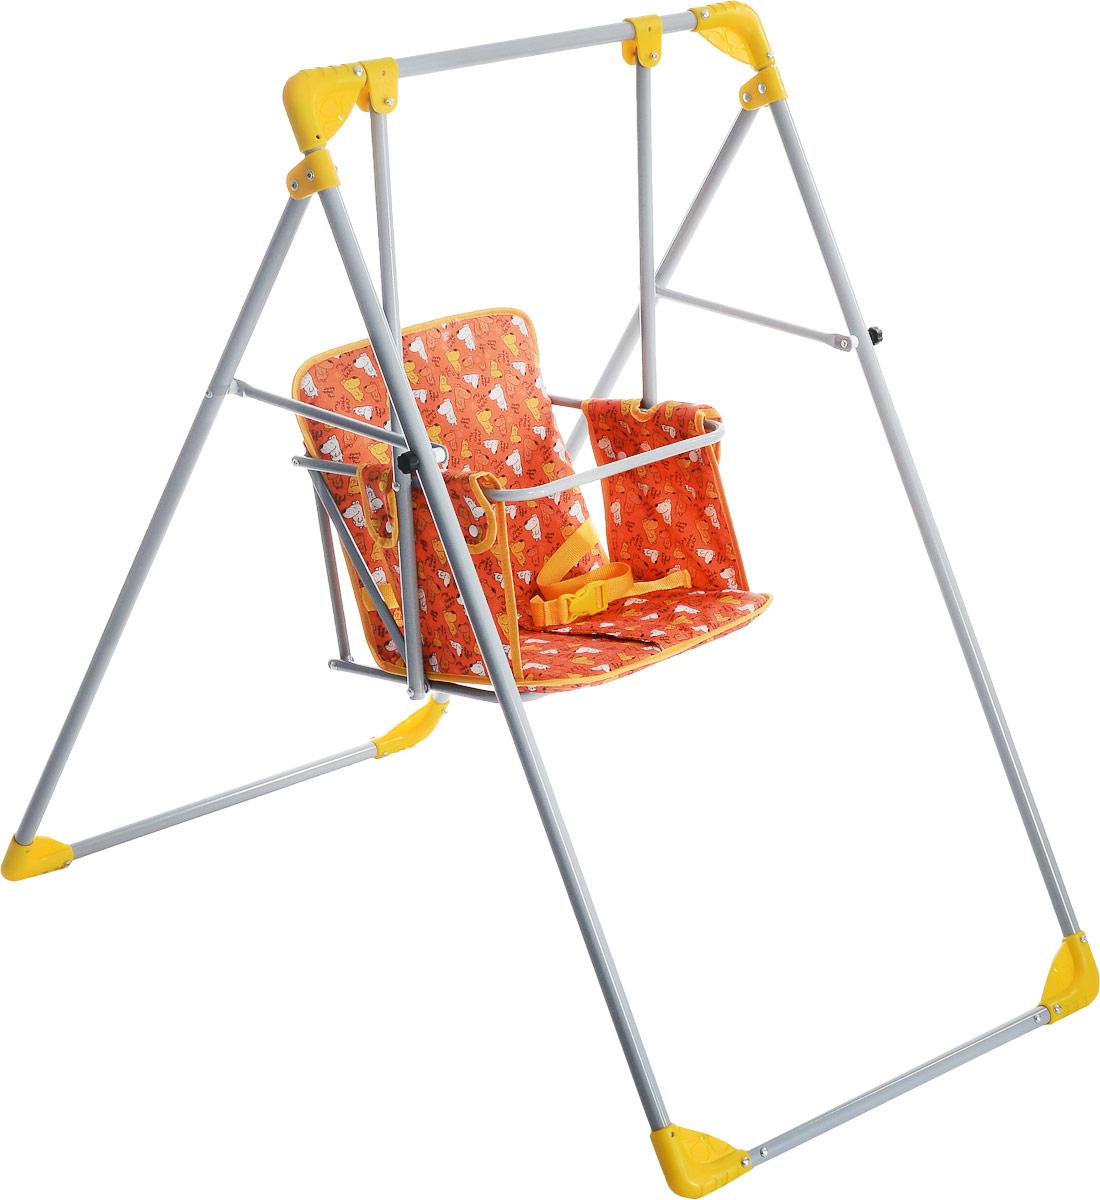 Фея Качели Чарли цвет оранжевый желтый серый 0004238-10_оранжевый, желтый, серый